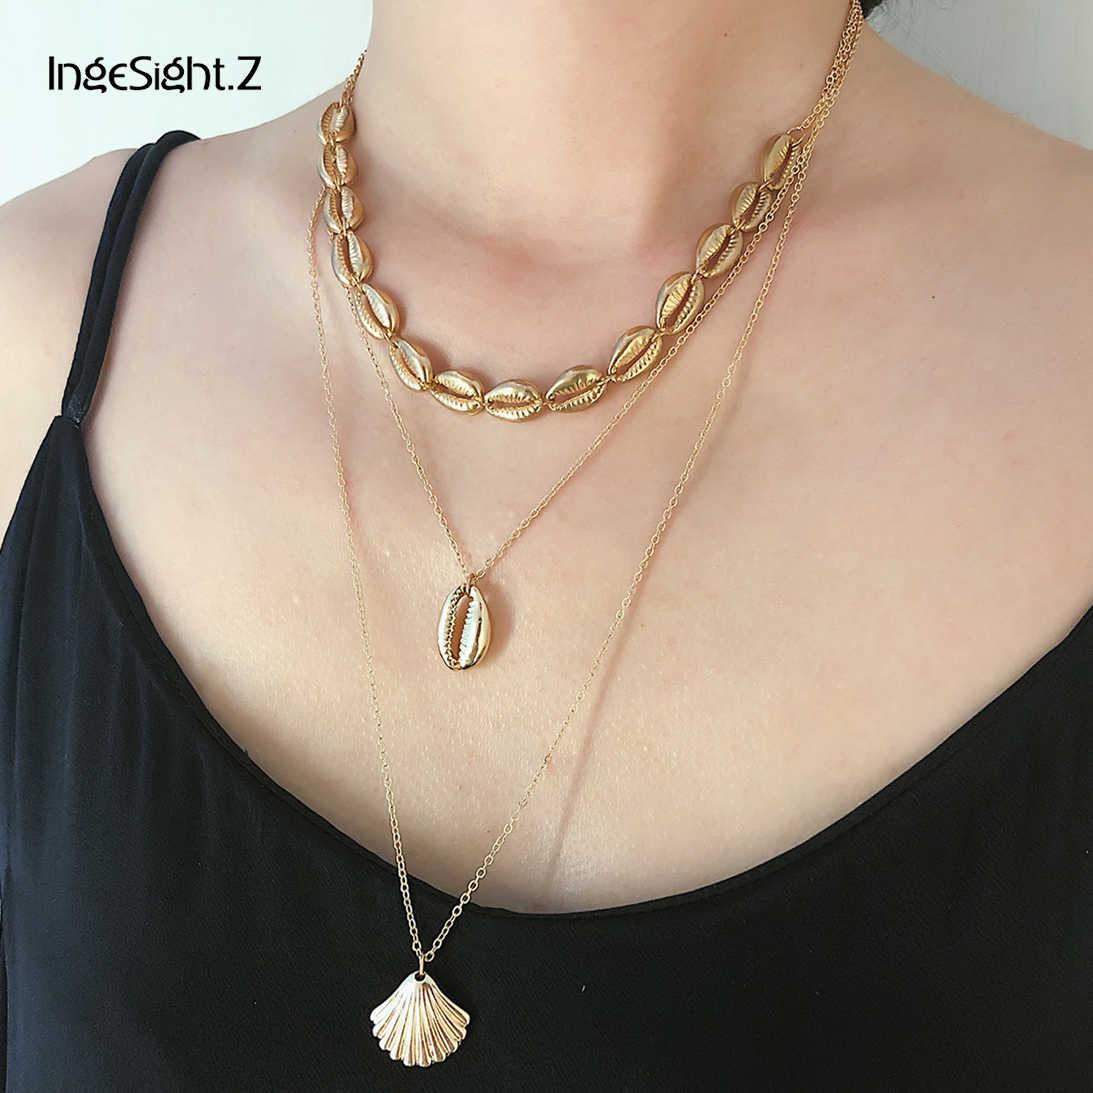 5f45947a57e22 IngeSight.Z 2Pcs/Set Bohemian Multi Layered Pearl Choker Necklace ...